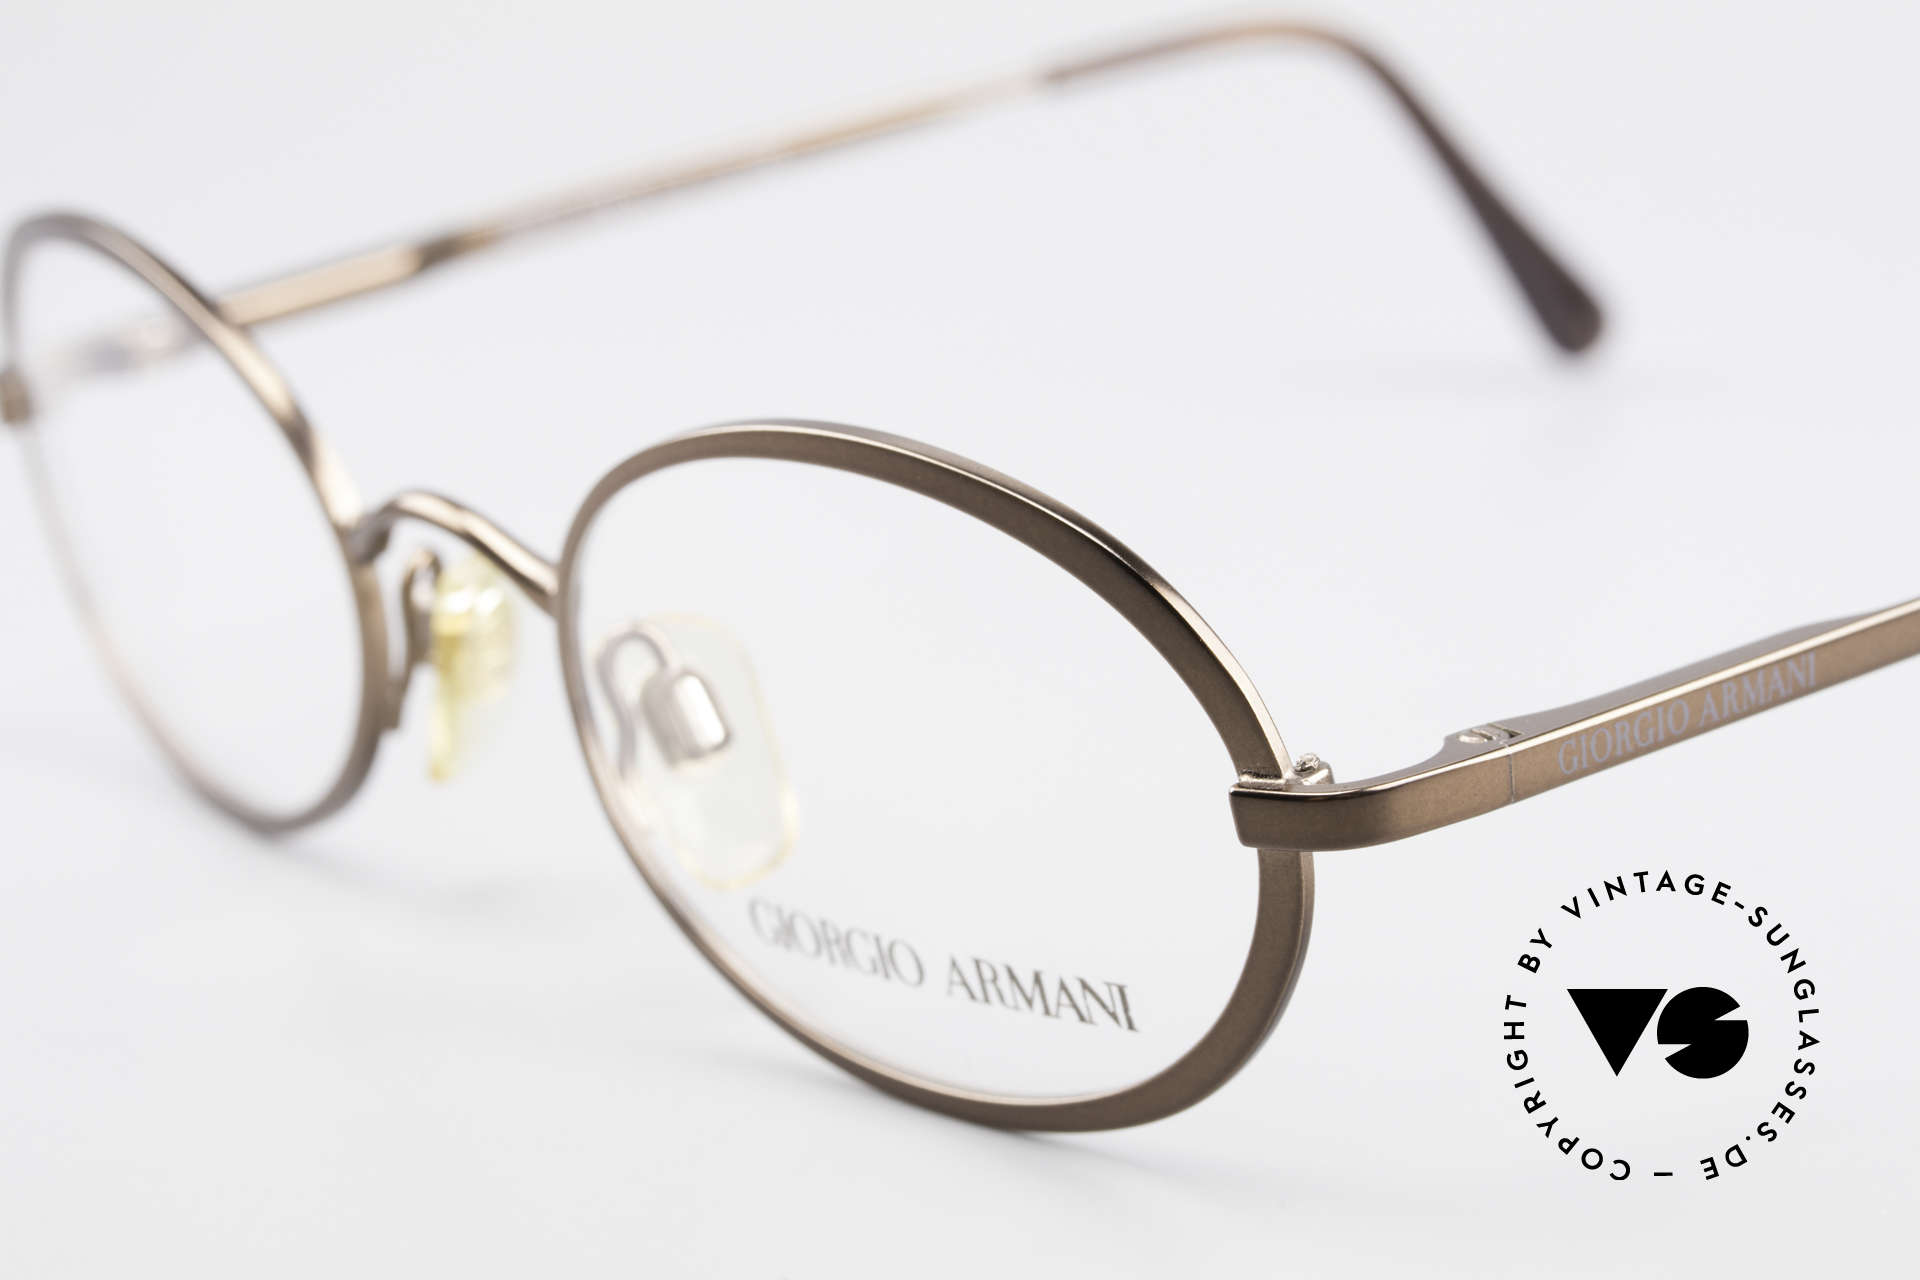 Giorgio Armani 277 90er Vintage Fassung Oval, ungetragen (wie alle unsere 90er GA Brillenklassiker), Passend für Herren und Damen